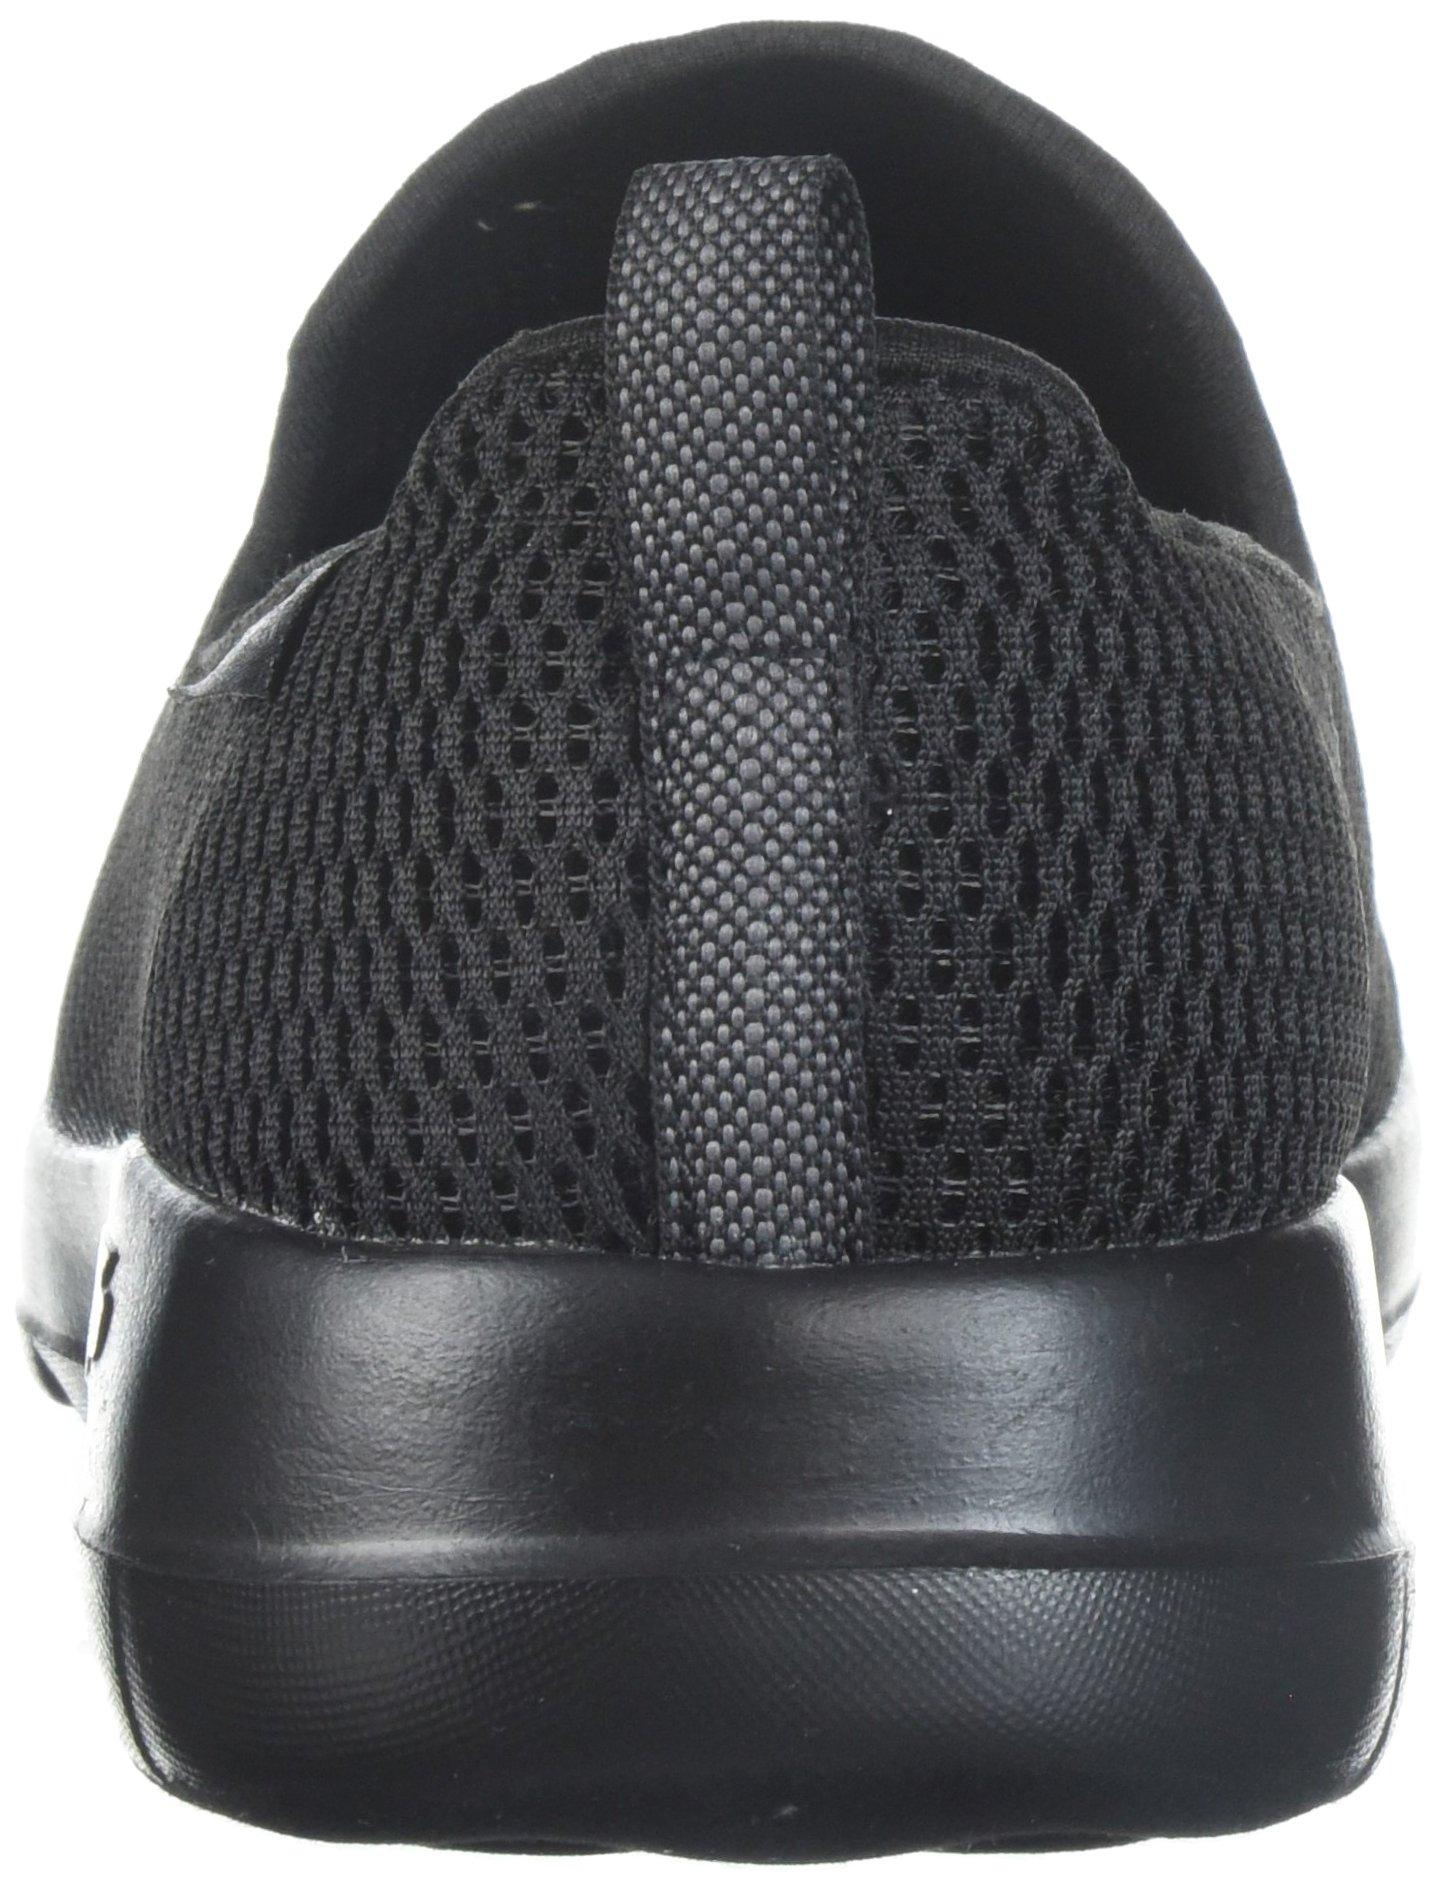 Skechers Performance Women's Go Joy Walking Shoe,Black,8 M US by Skechers (Image #2)